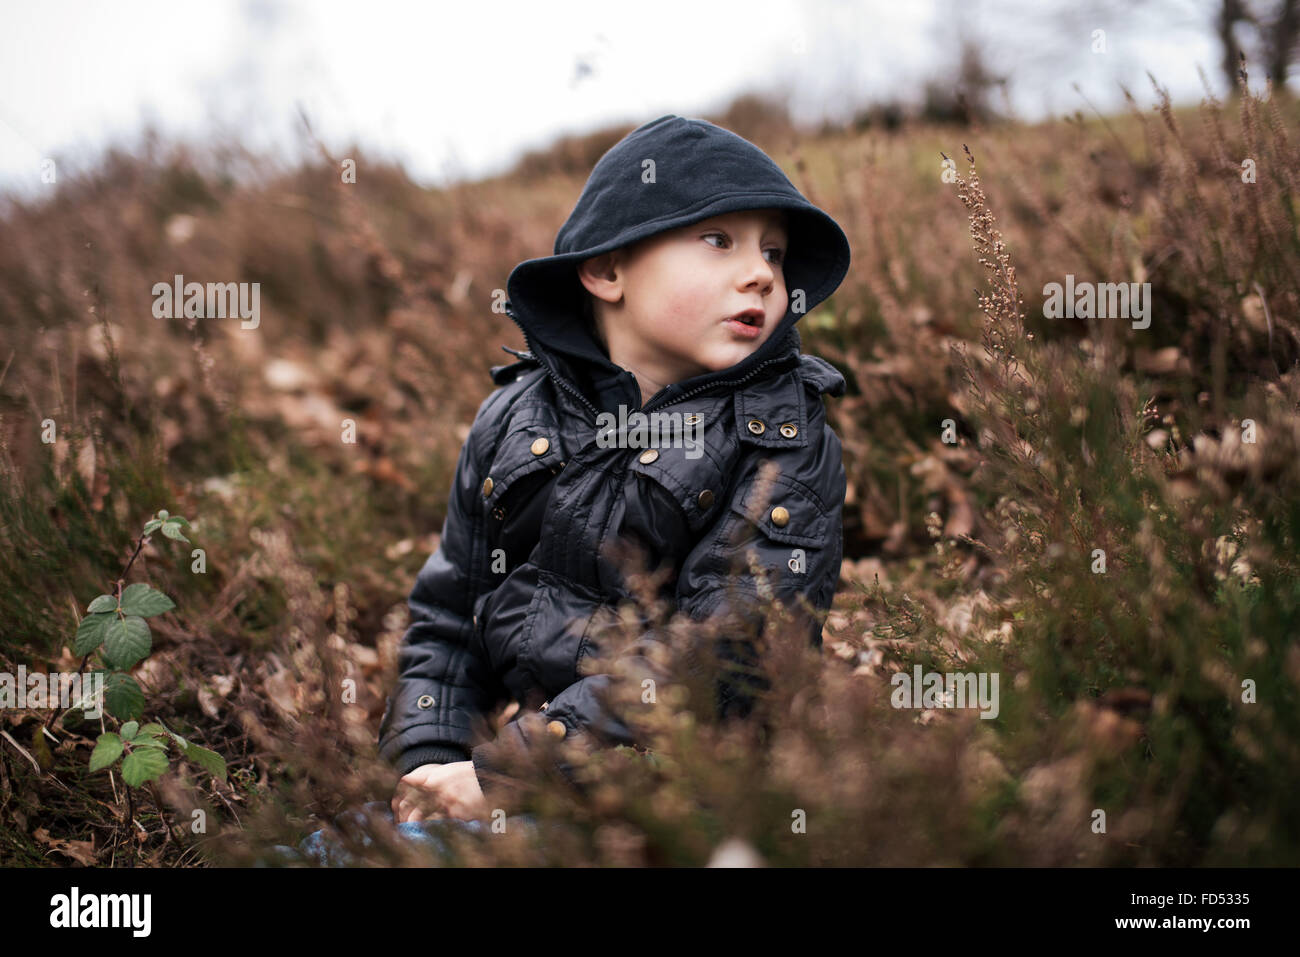 Kleiner Junge Haube sitzt in der Natur Stockbild